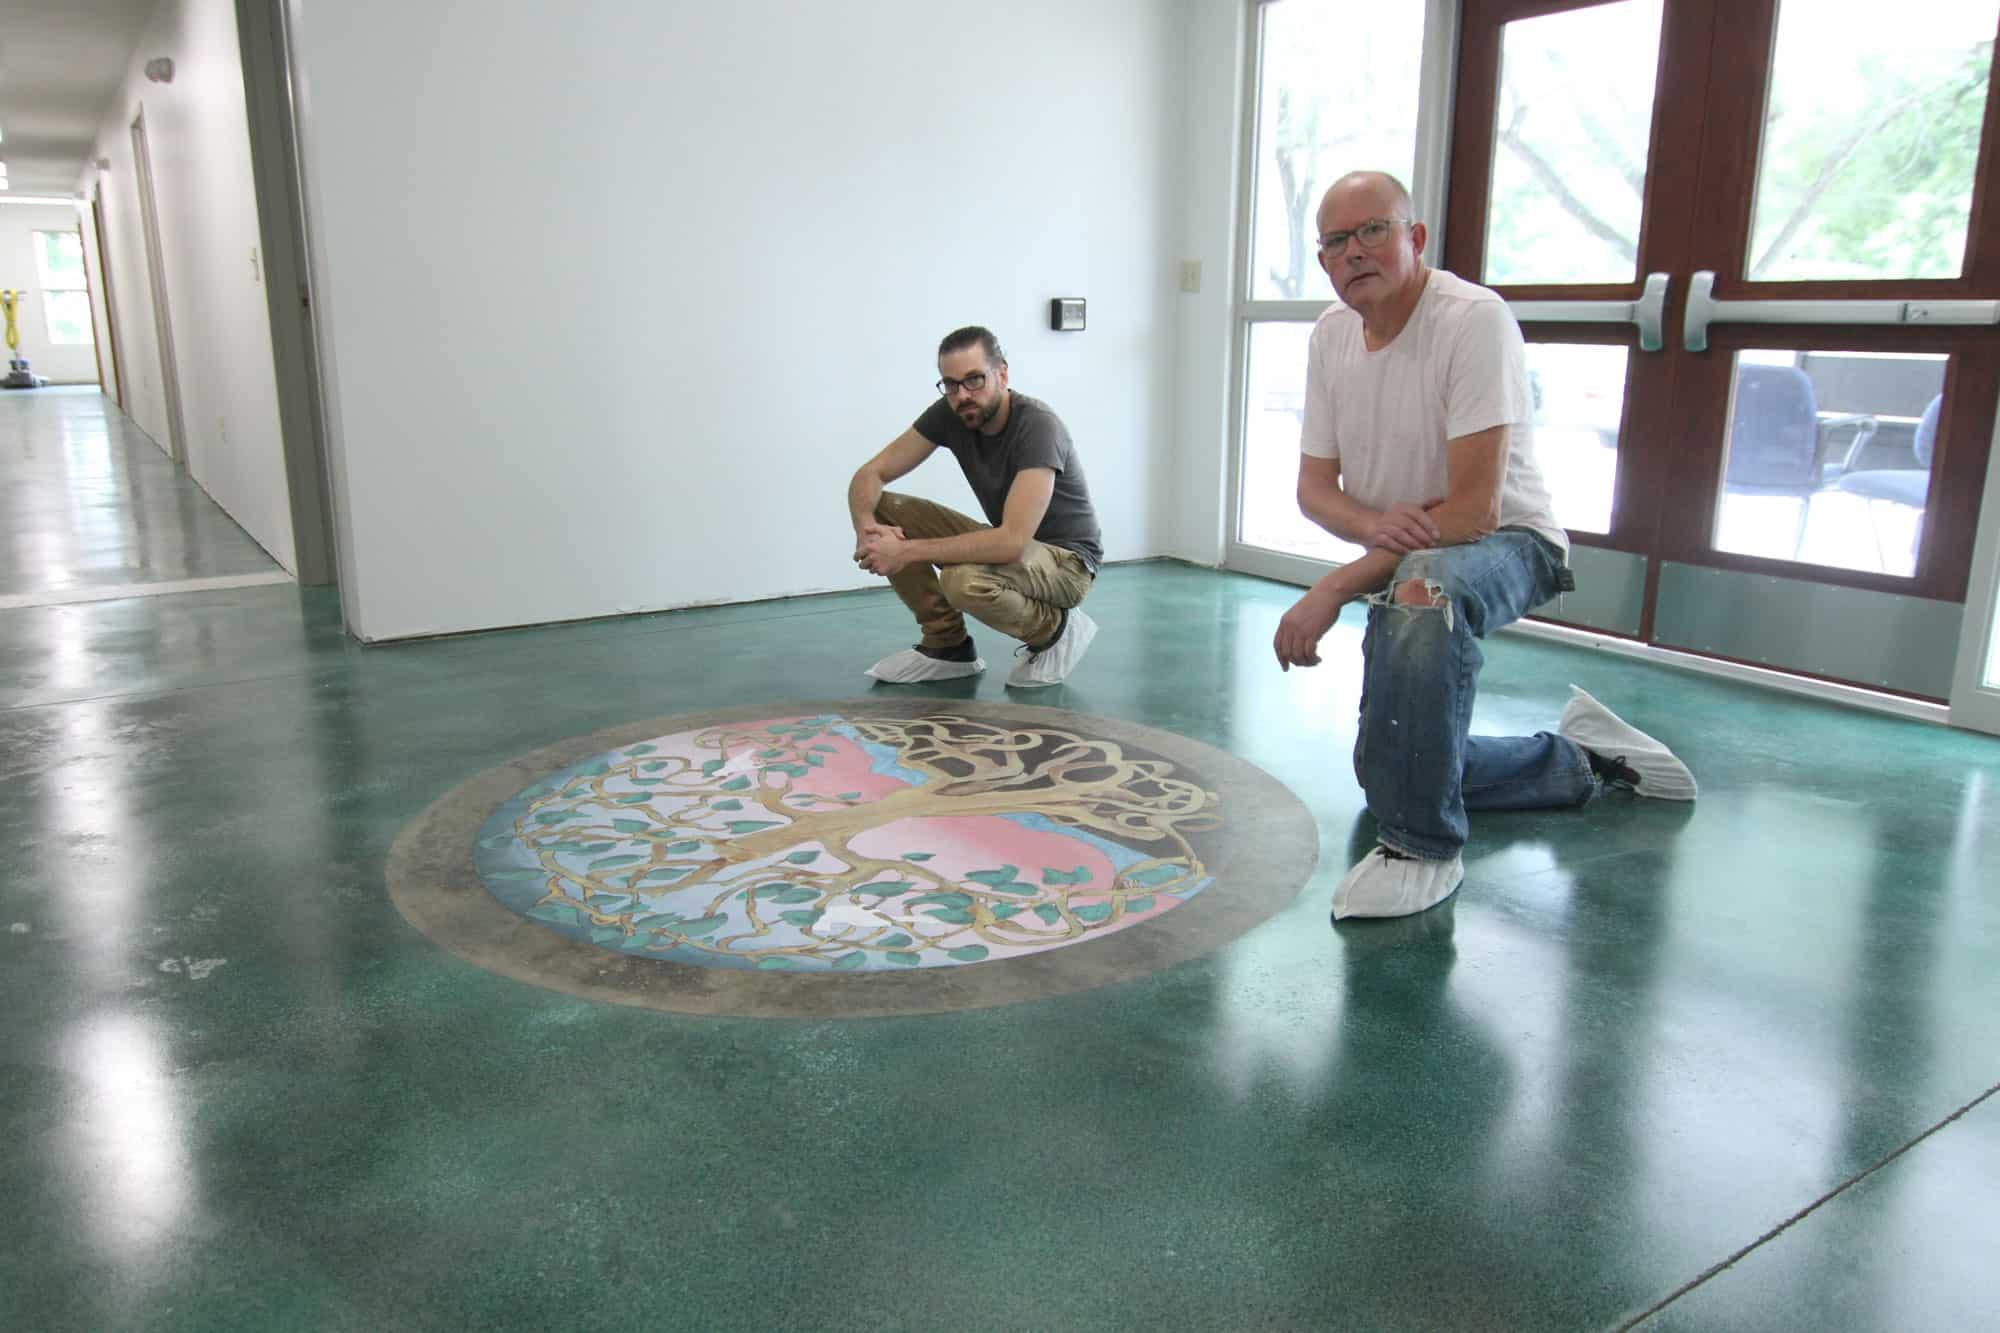 Tom Schulz and Daniel De Wit of Ennis Art